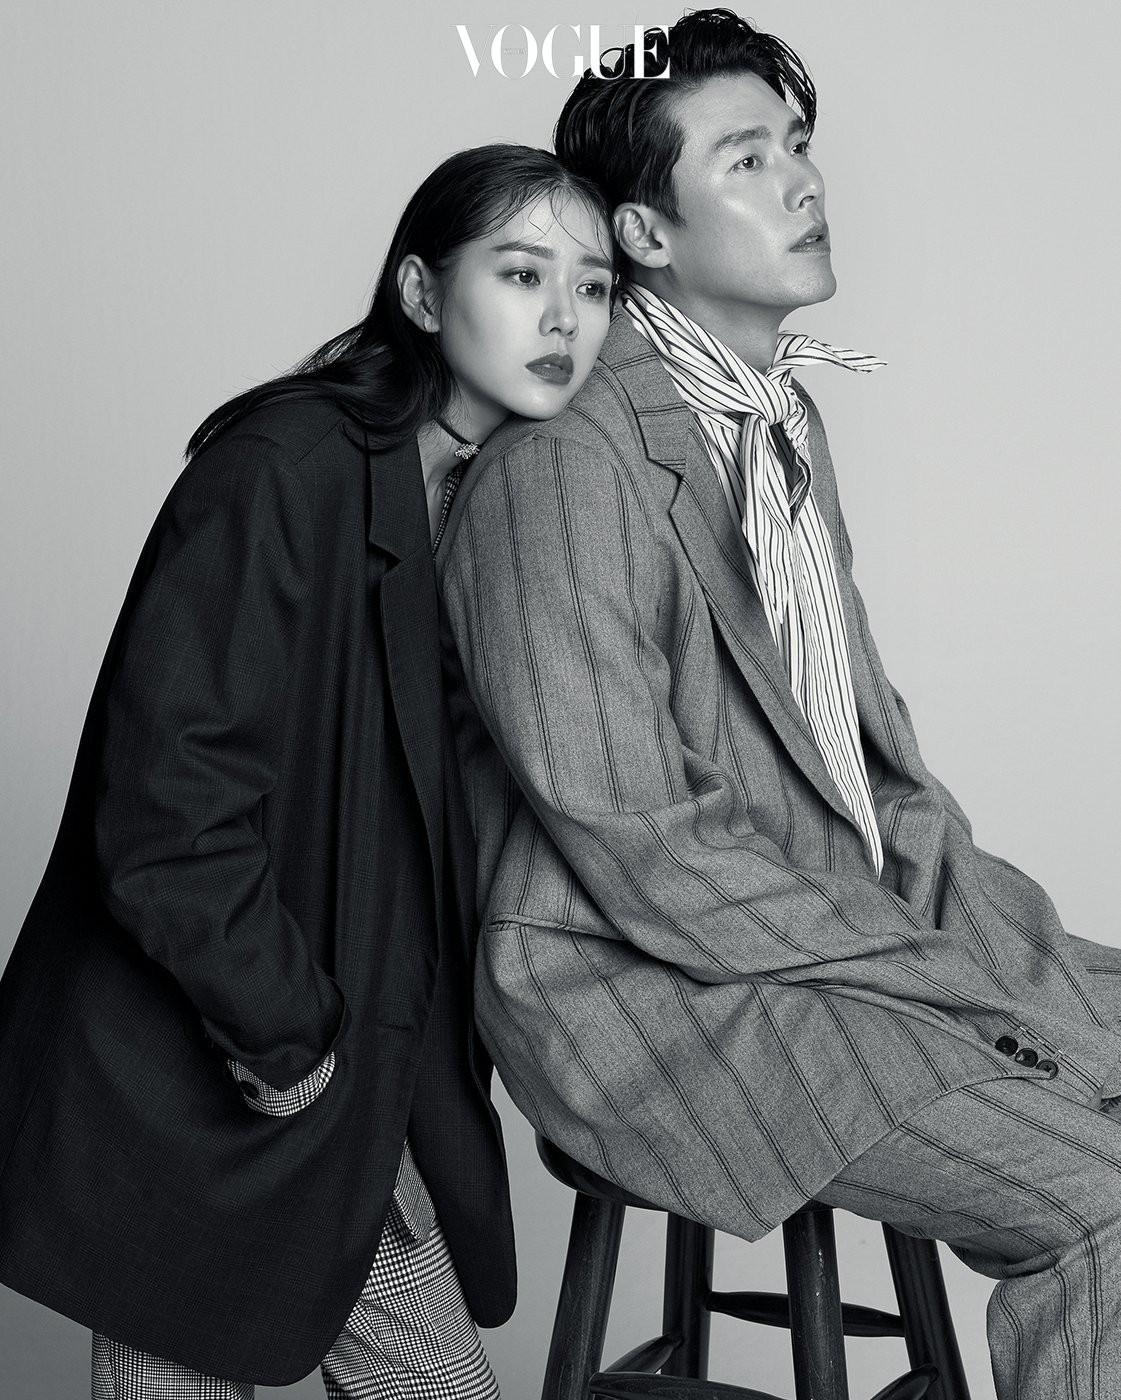 Nhìn Son Ye Jin và Hyun Bin tình tứ, có thái độ đáng ngờ như thế này bảo sao ai cũng thi nhau đẩy thuyền - Ảnh 2.